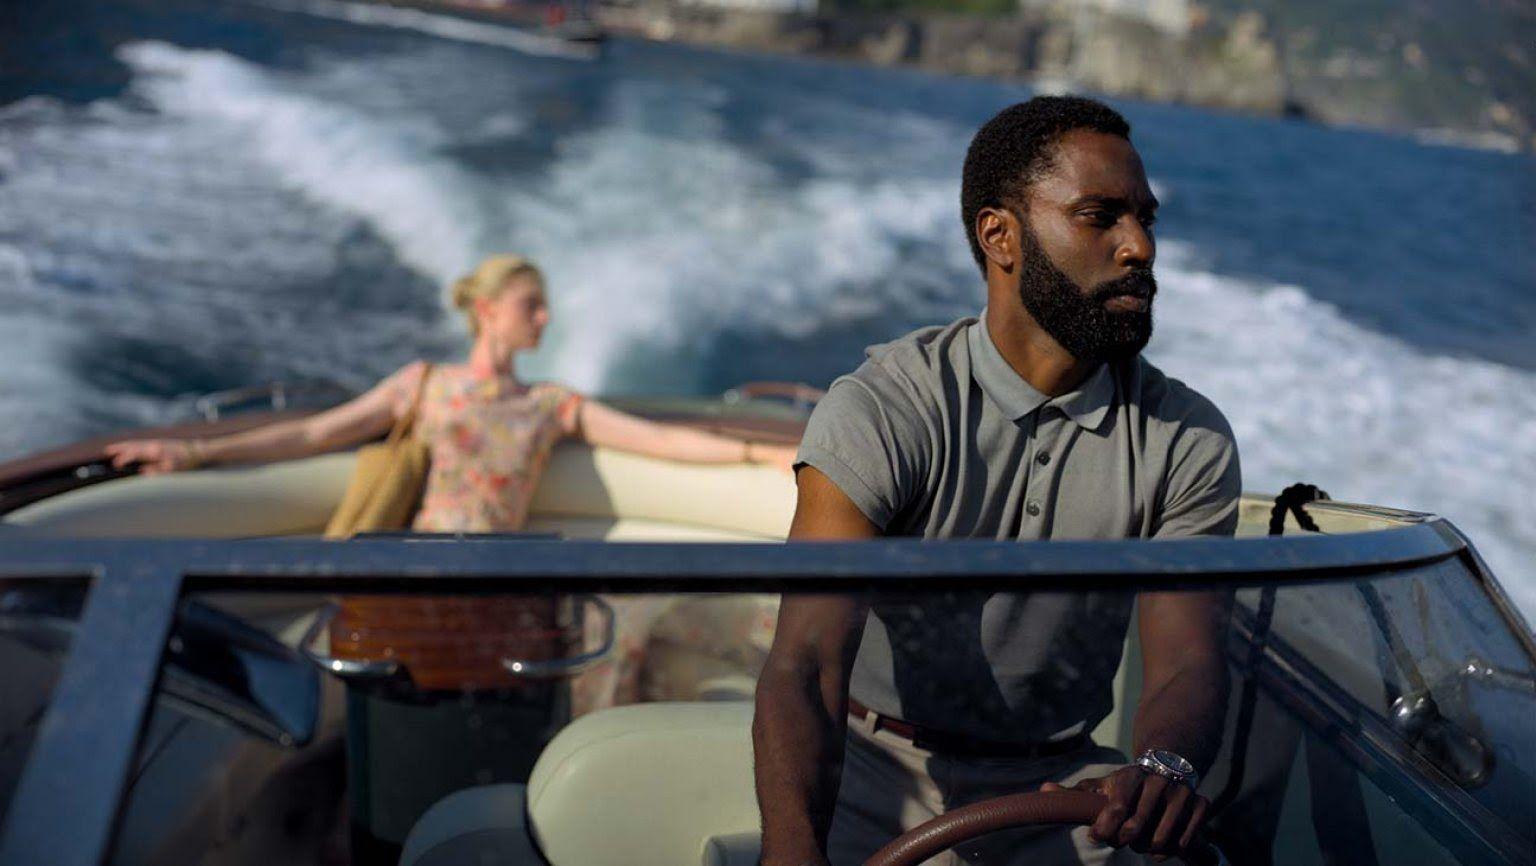 克里斯托弗·诺兰新片《信条》北美档期将再度推迟至今年8月12日上映